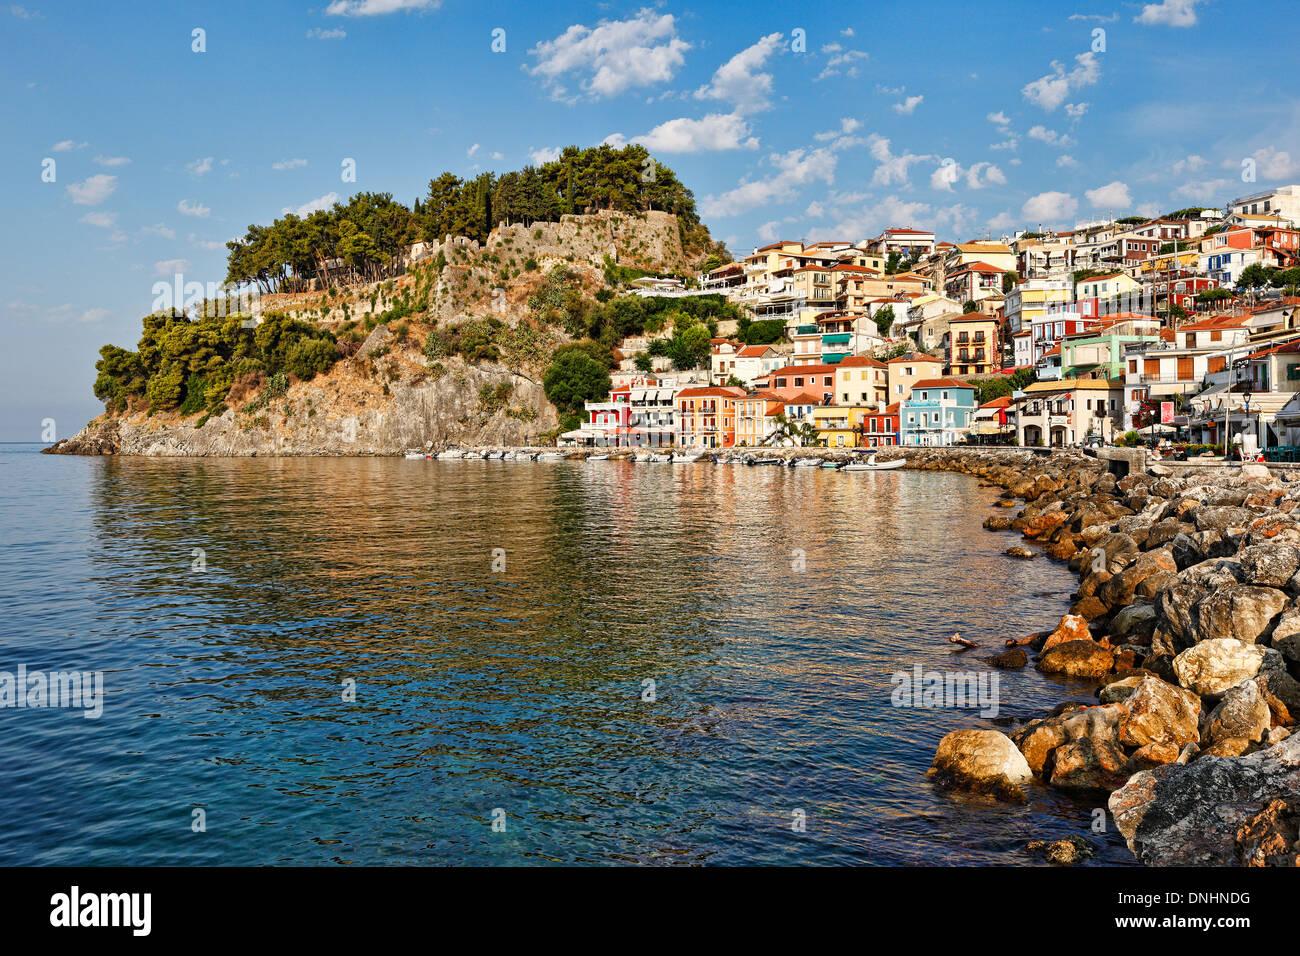 La baie avec les maisons colorées de Parga, Grèce Photo Stock